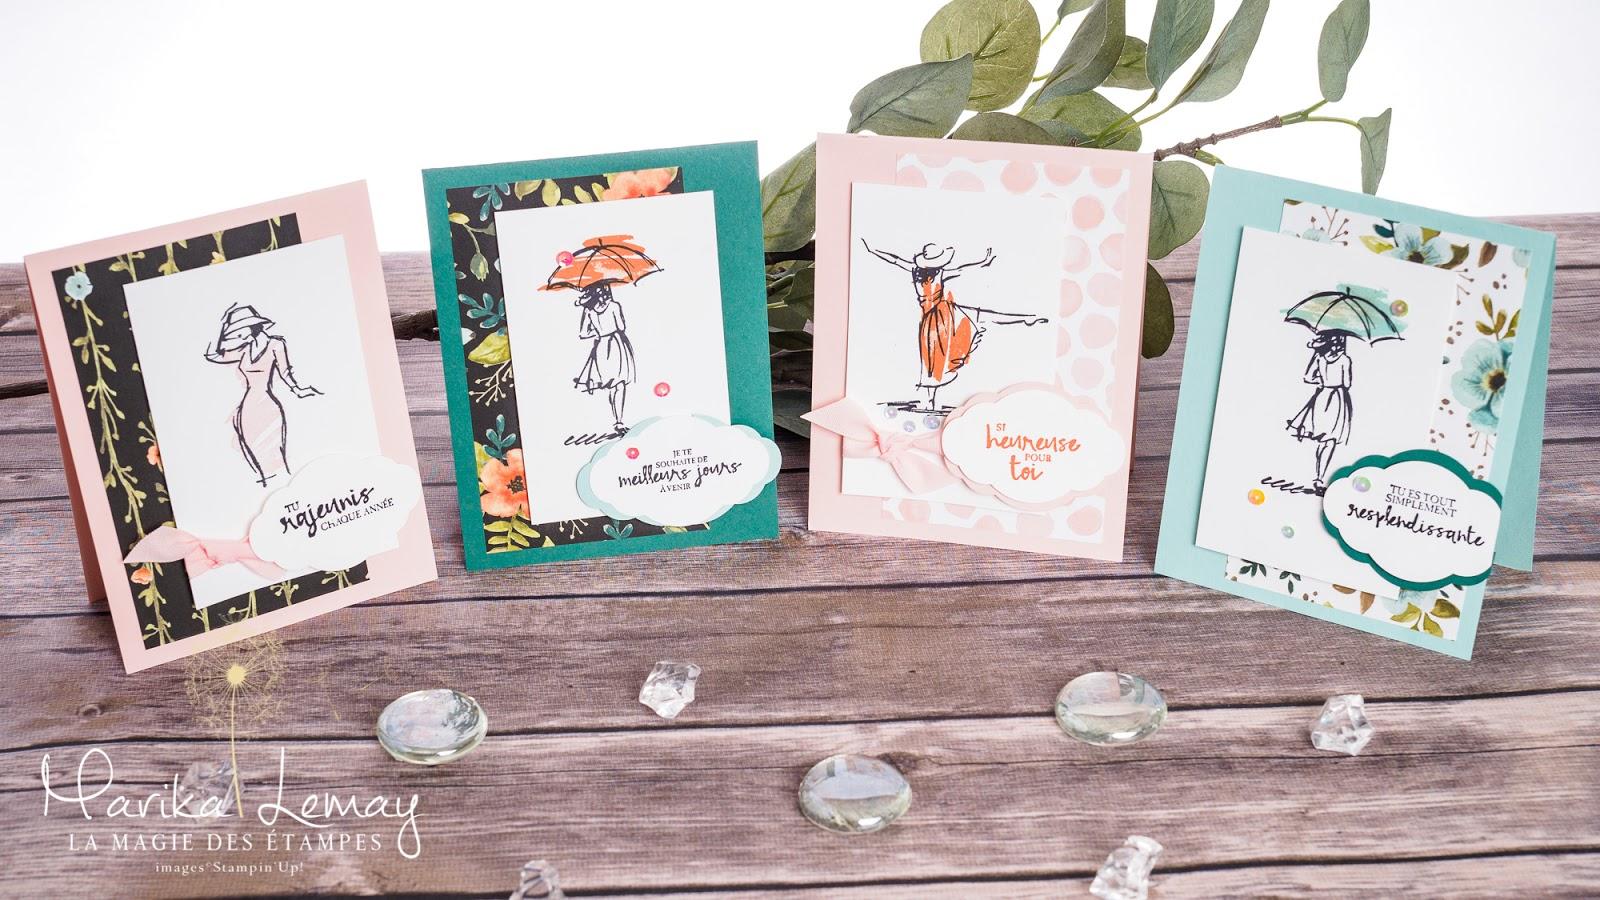 marika lemay la magie des tampes cartes estampage scrapbooking produits stampin 39 up. Black Bedroom Furniture Sets. Home Design Ideas